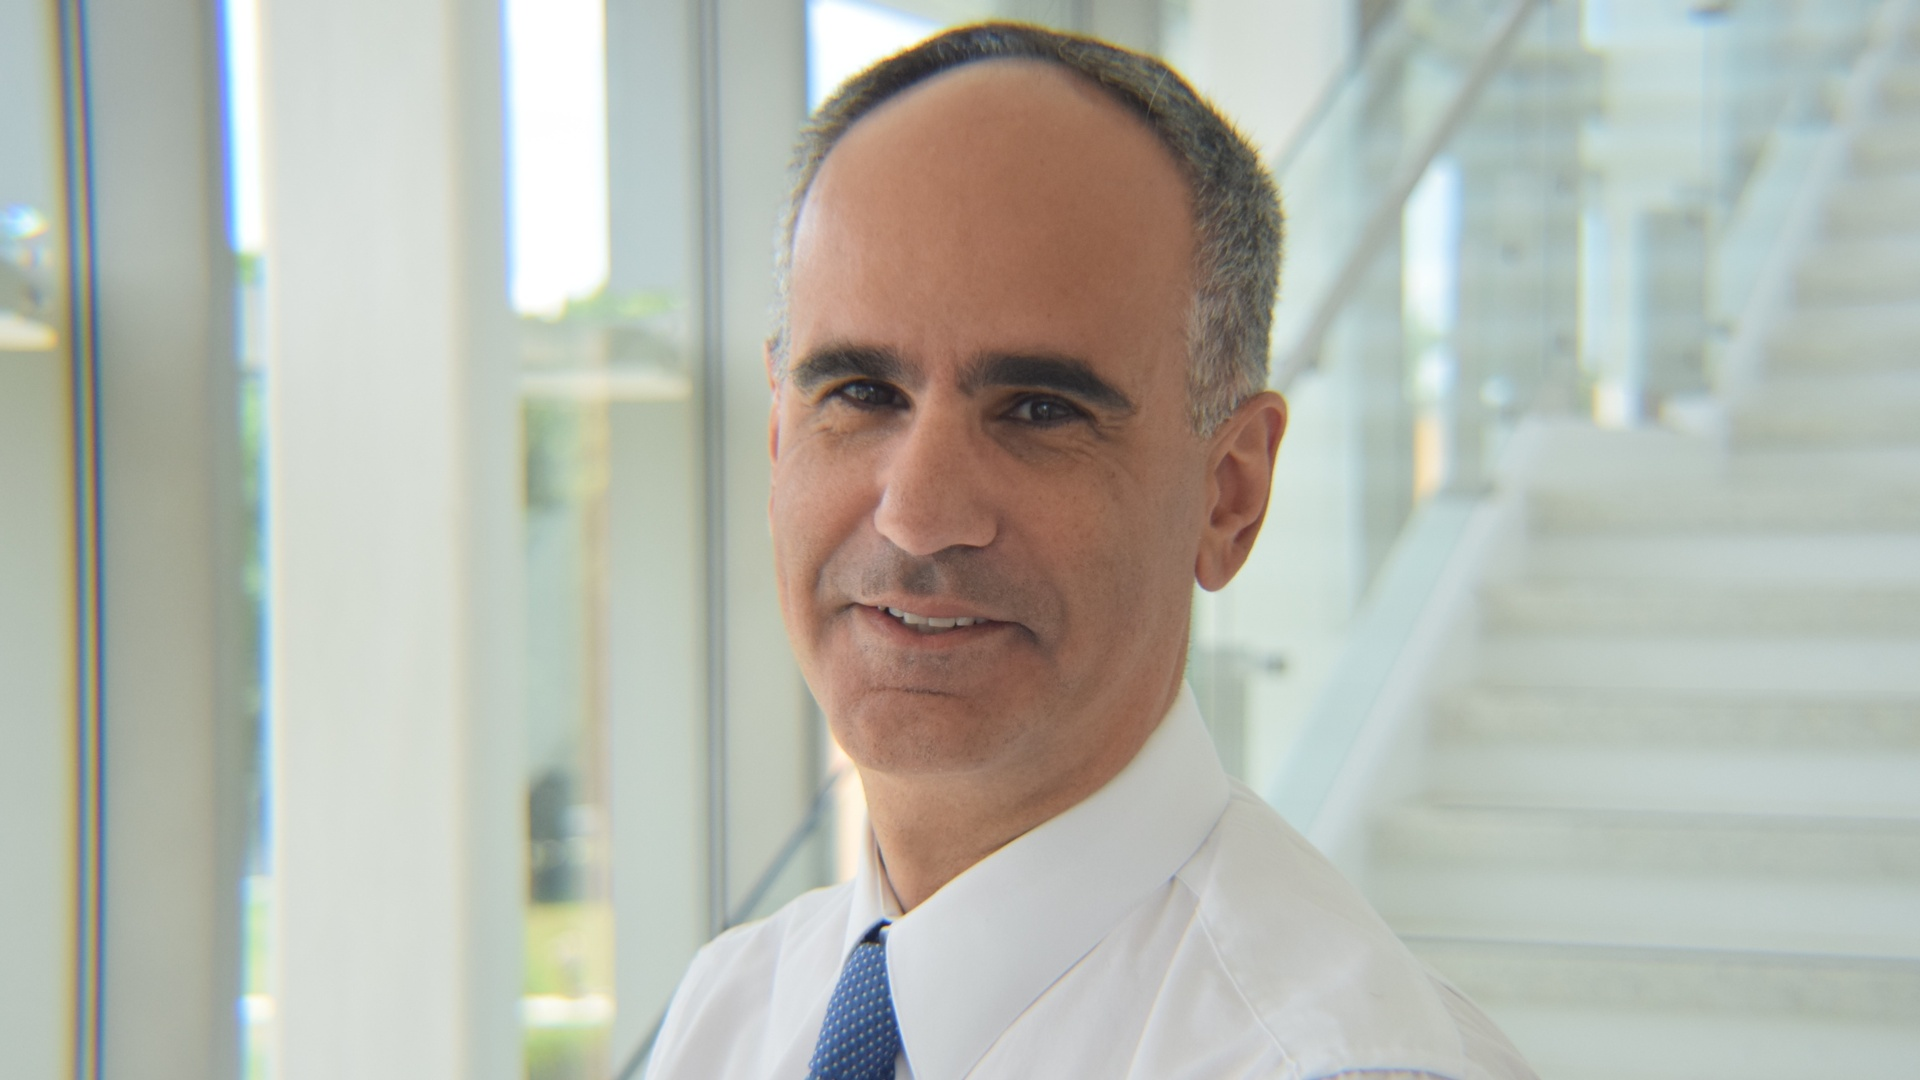 Associate Dean for Student Affairs David Jaffe '93